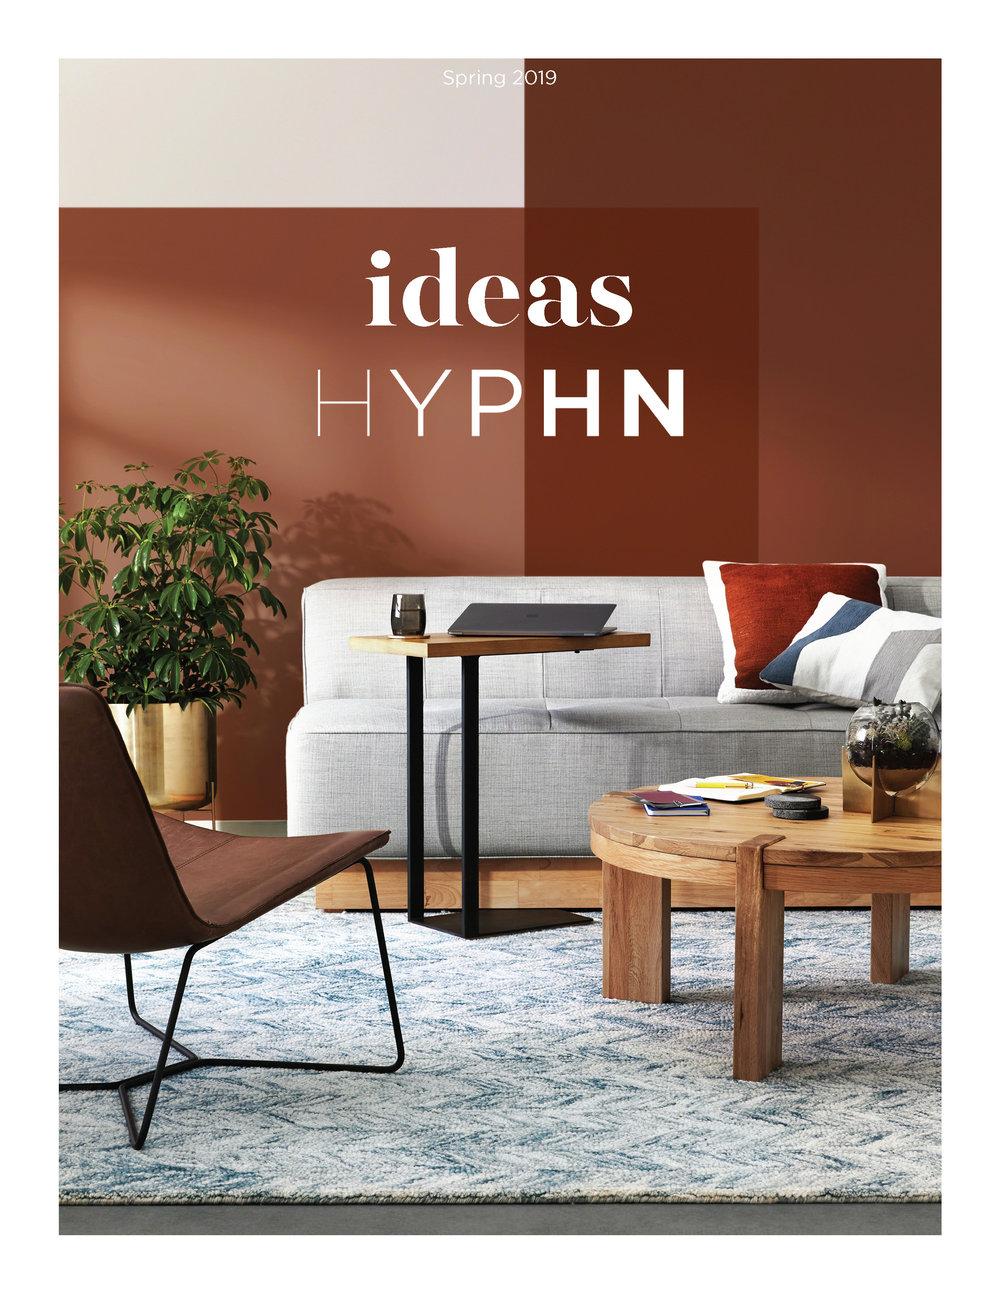 ideas Volume 4 Image for Website.jpg